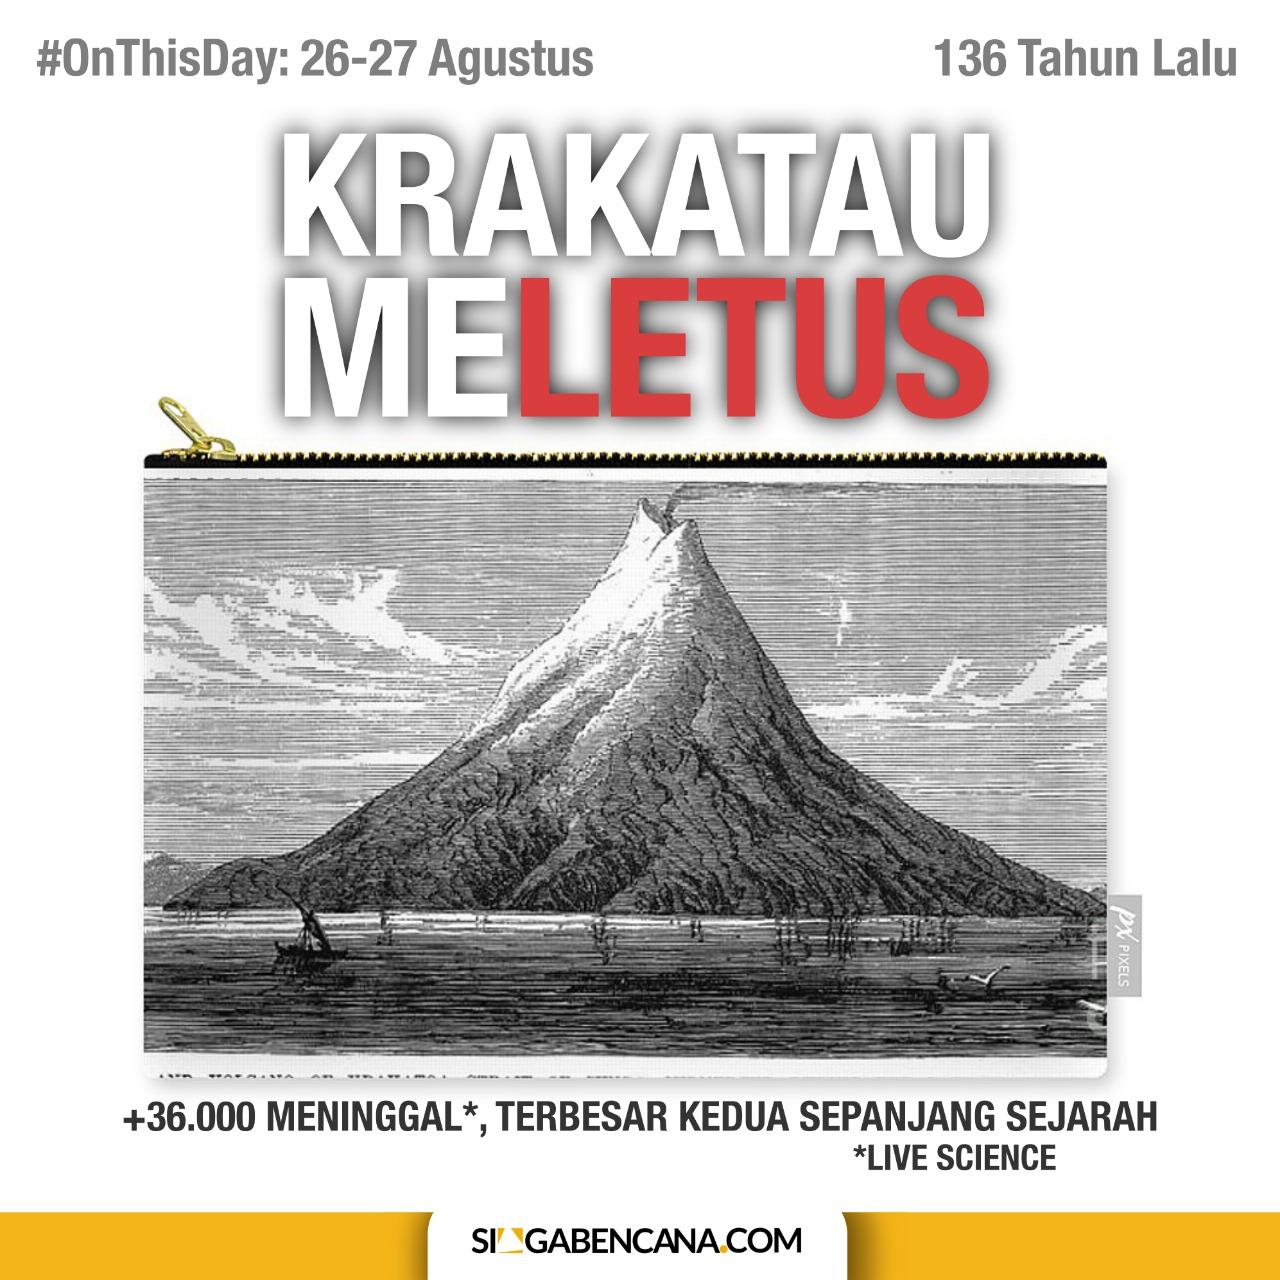 Menolak Lupa Letusan Gunung Krakatau 1883